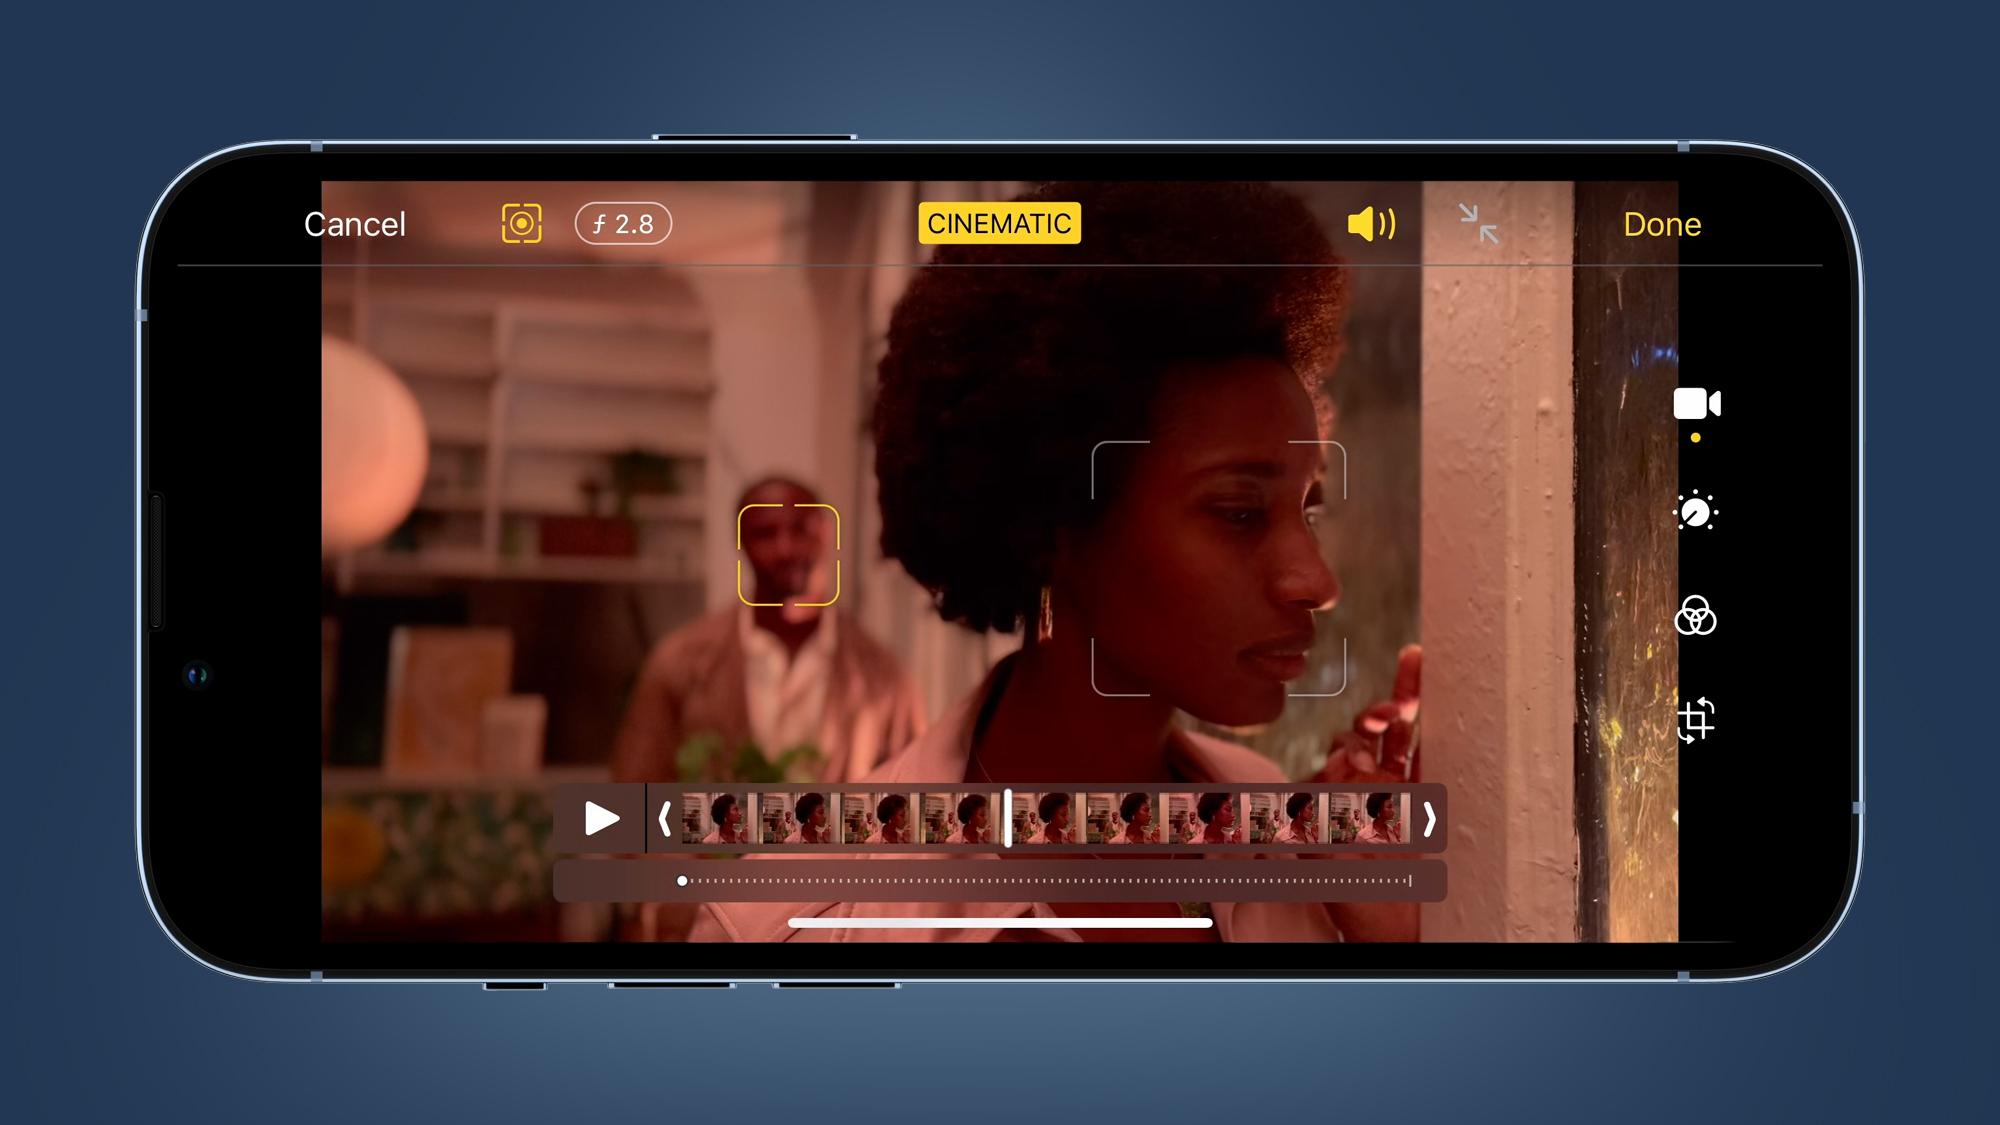 Cortar en modo cinemático en el iPhone 13